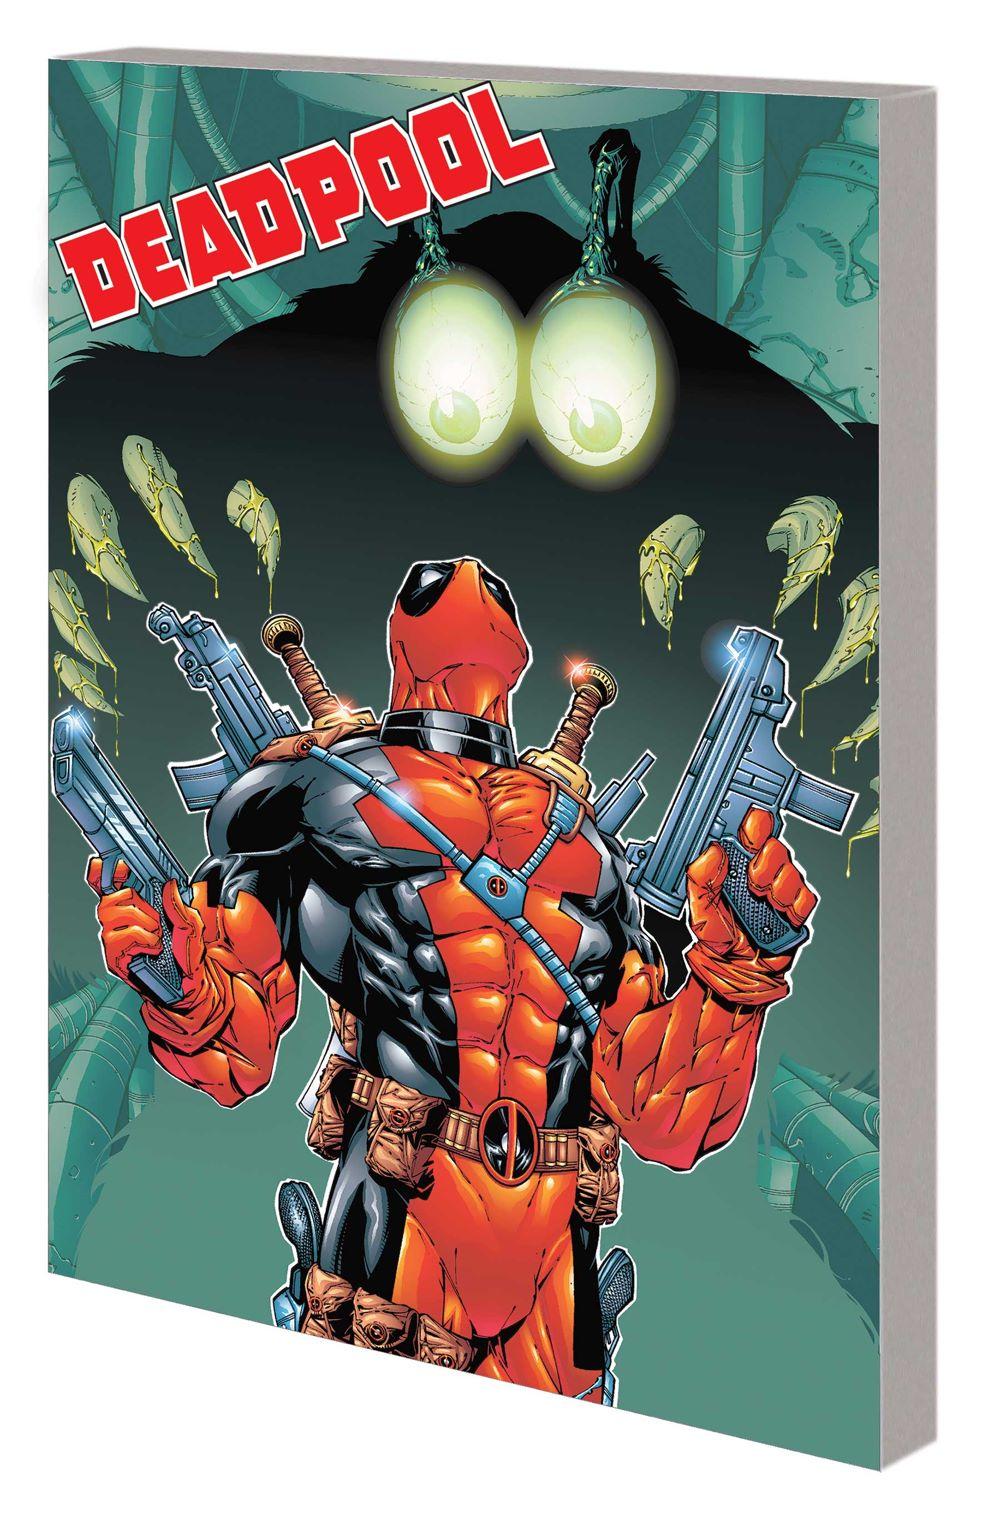 DPOOL_JK_CC_V2_TPB Marvel Comics January 2021 Solicitations